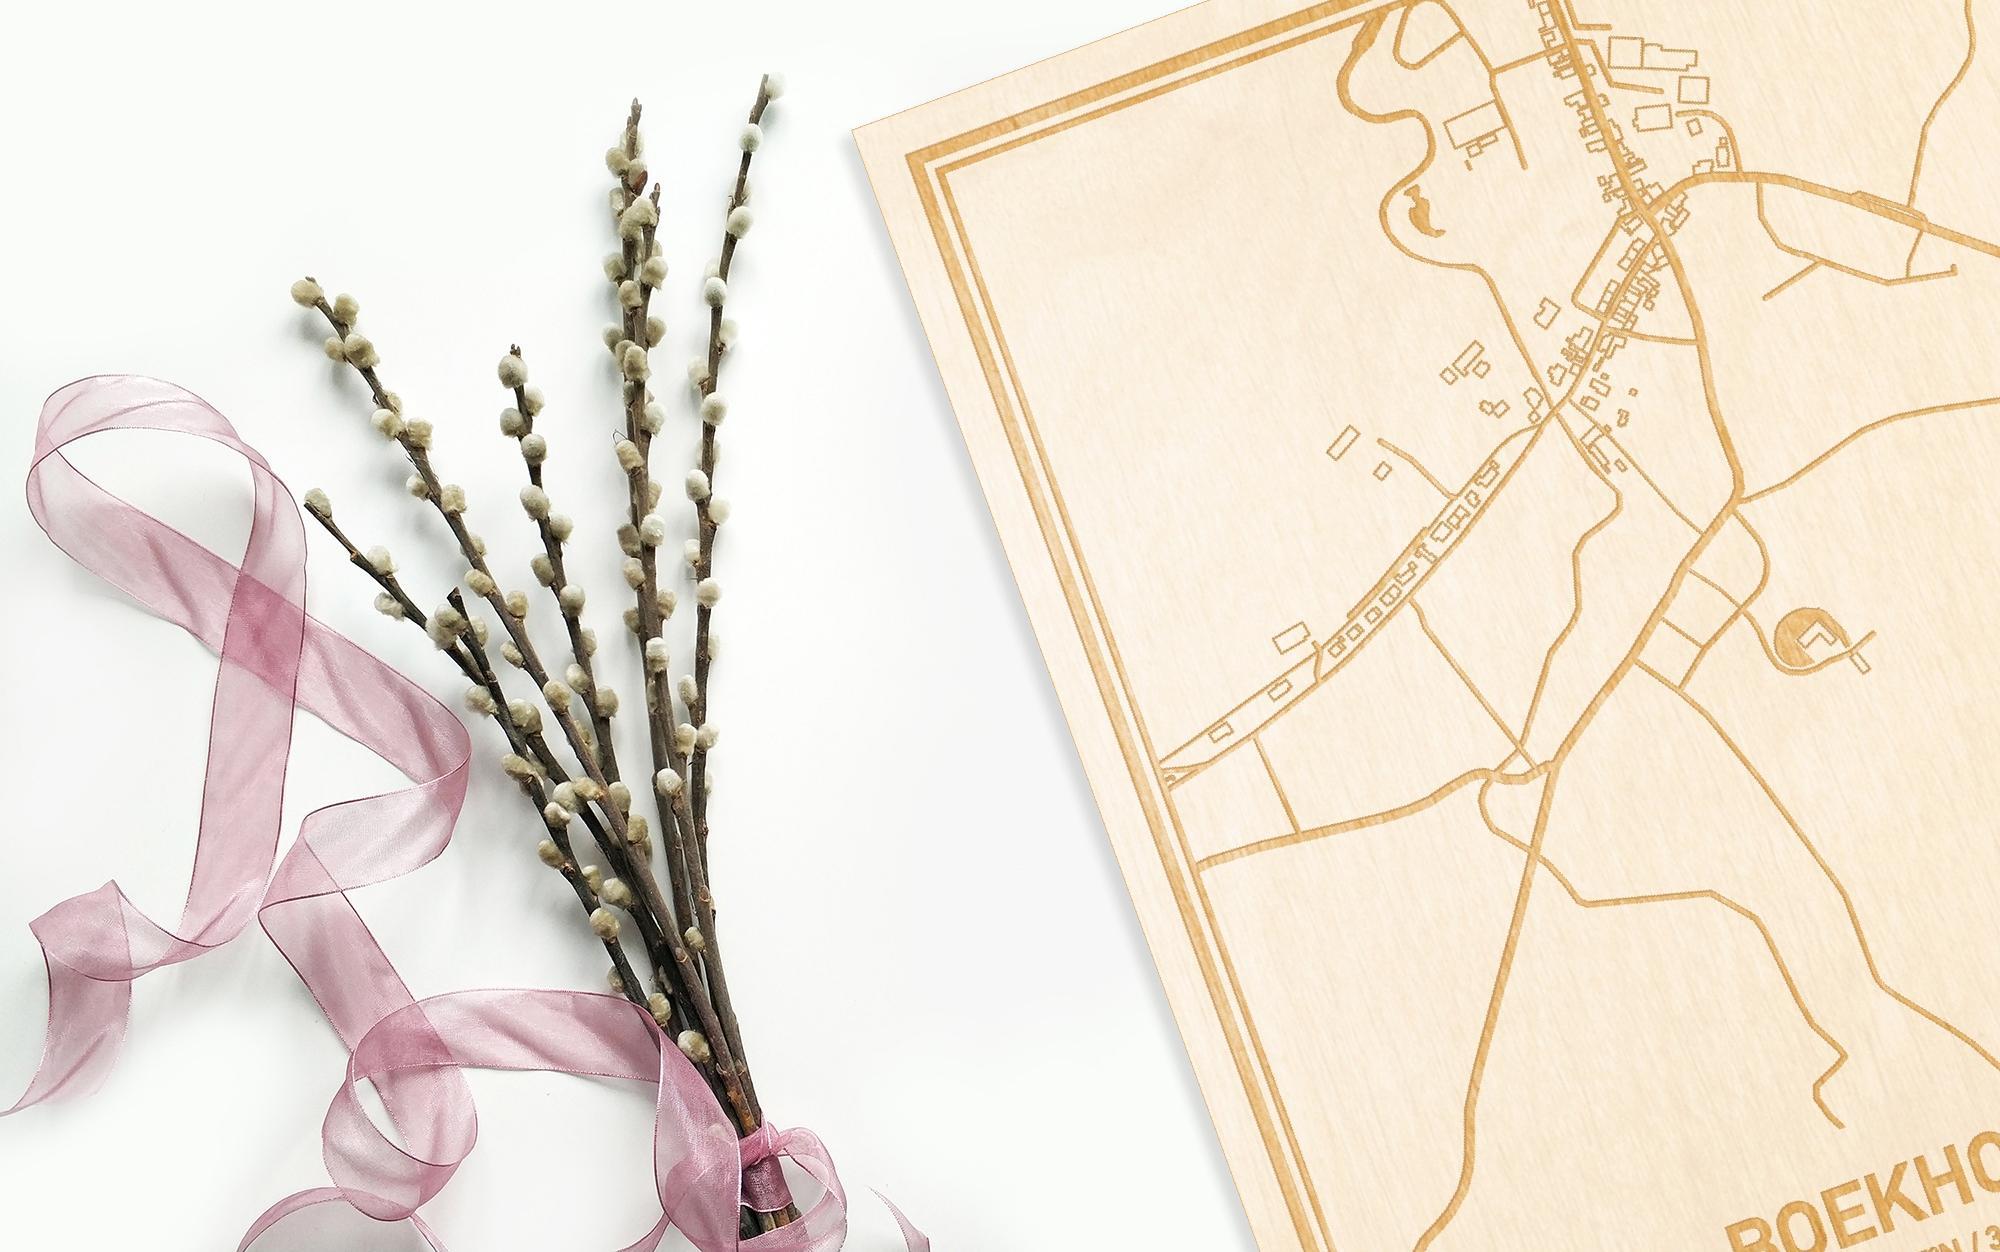 Hier ligt de houten plattegrond Boekhoute naast een bloemetje als gepersonaliseerd cadeau voor haar.